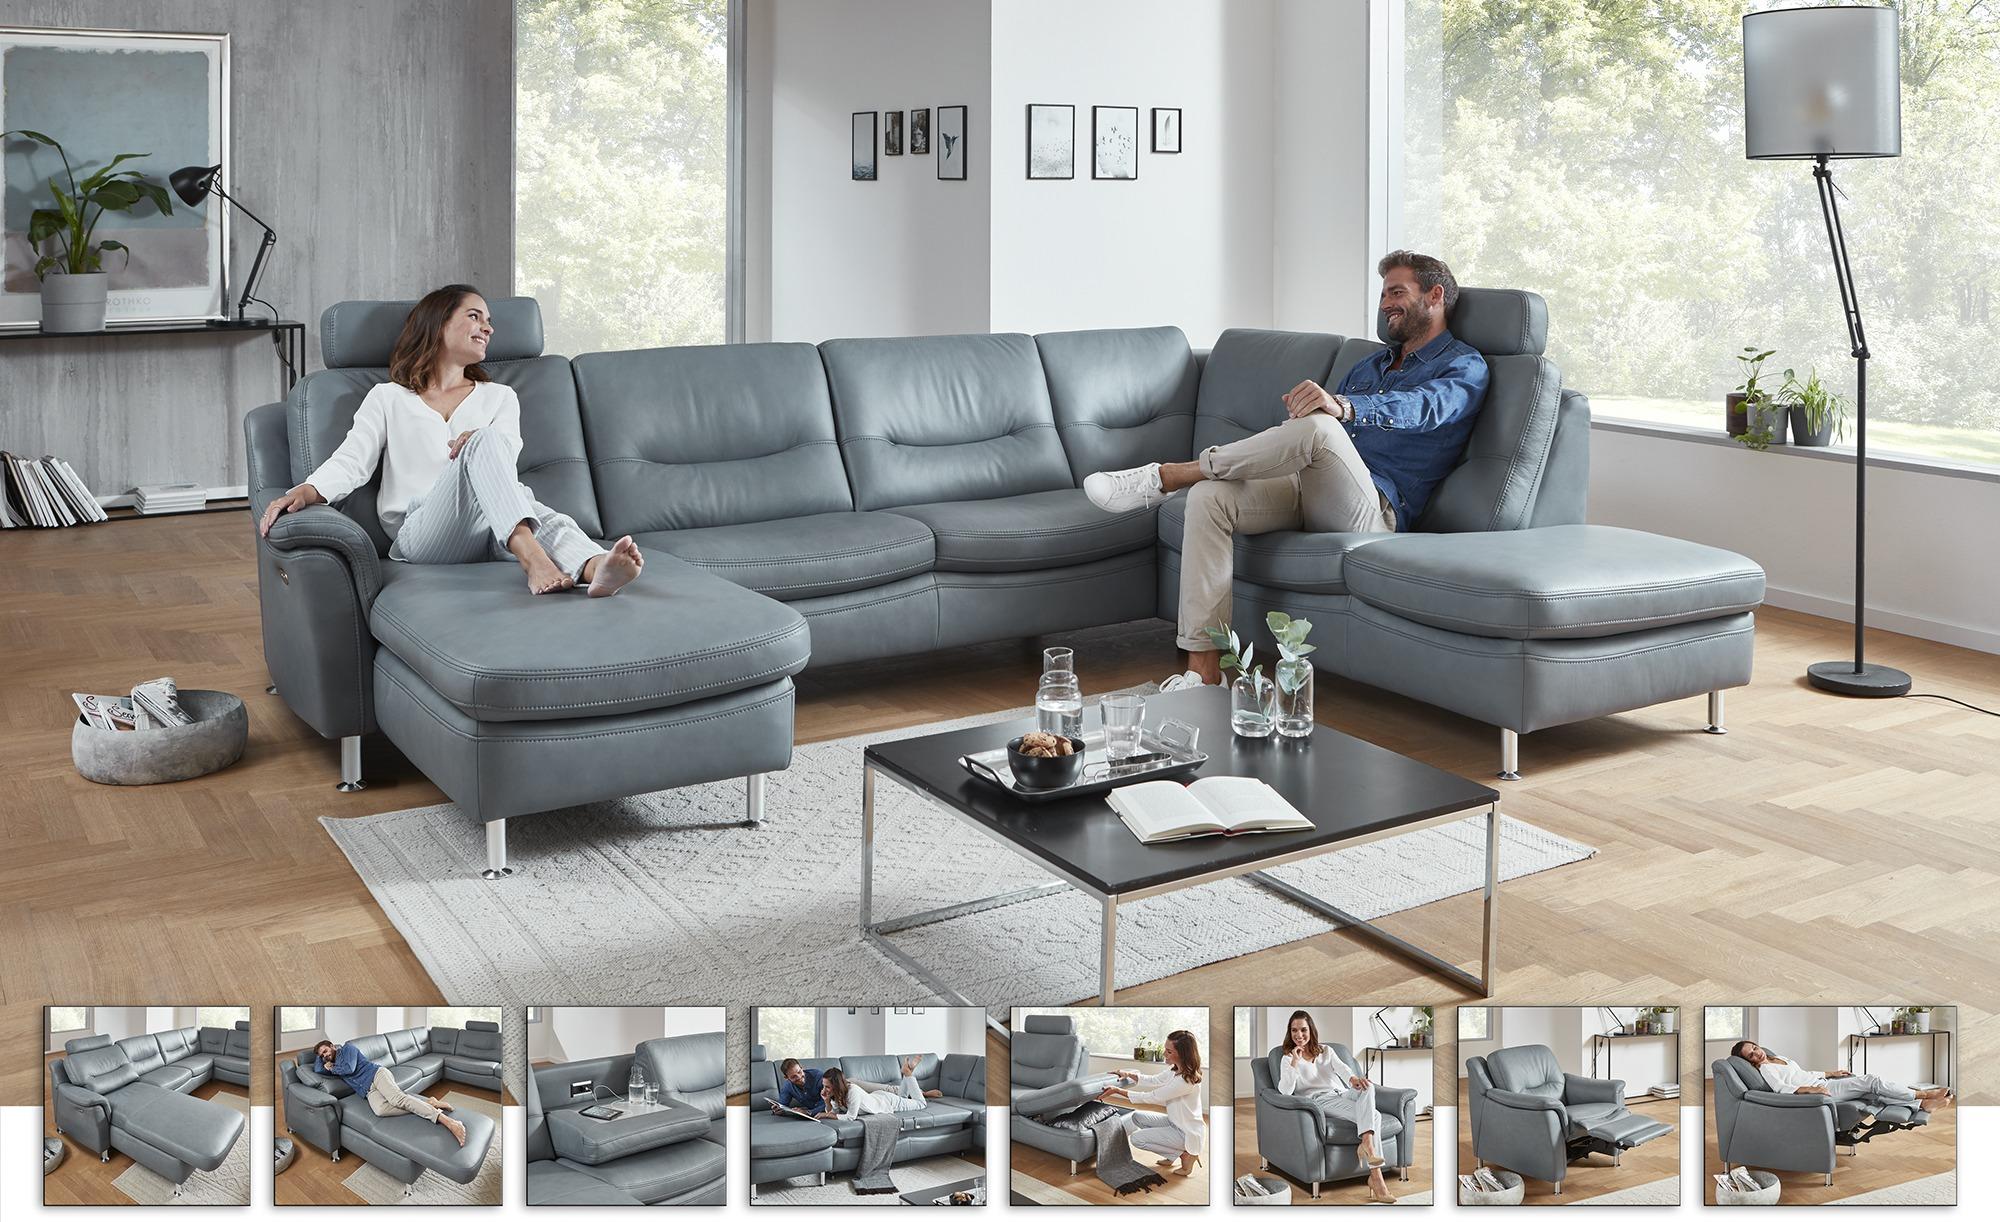 Hukla Wohnlandschaft  Harmony - grau - Polstermöbel > Sofas > Ledersofas - günstig online kaufen